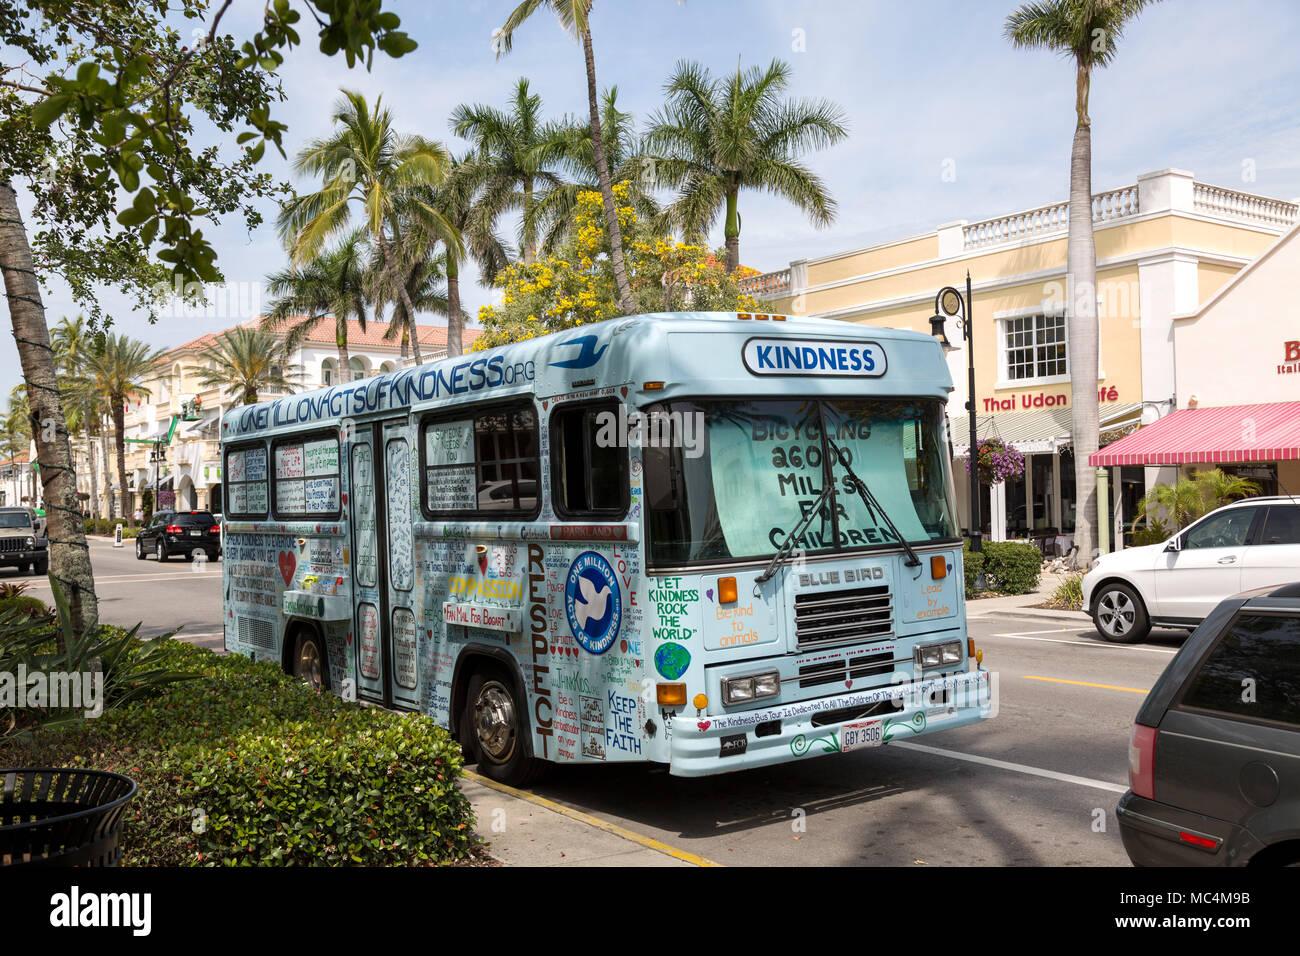 Autobus dipinto con parole di gentilezza. Tour del paese di accettare donazioni per la prevenzione del bullismo e suicidi. Immagini Stock